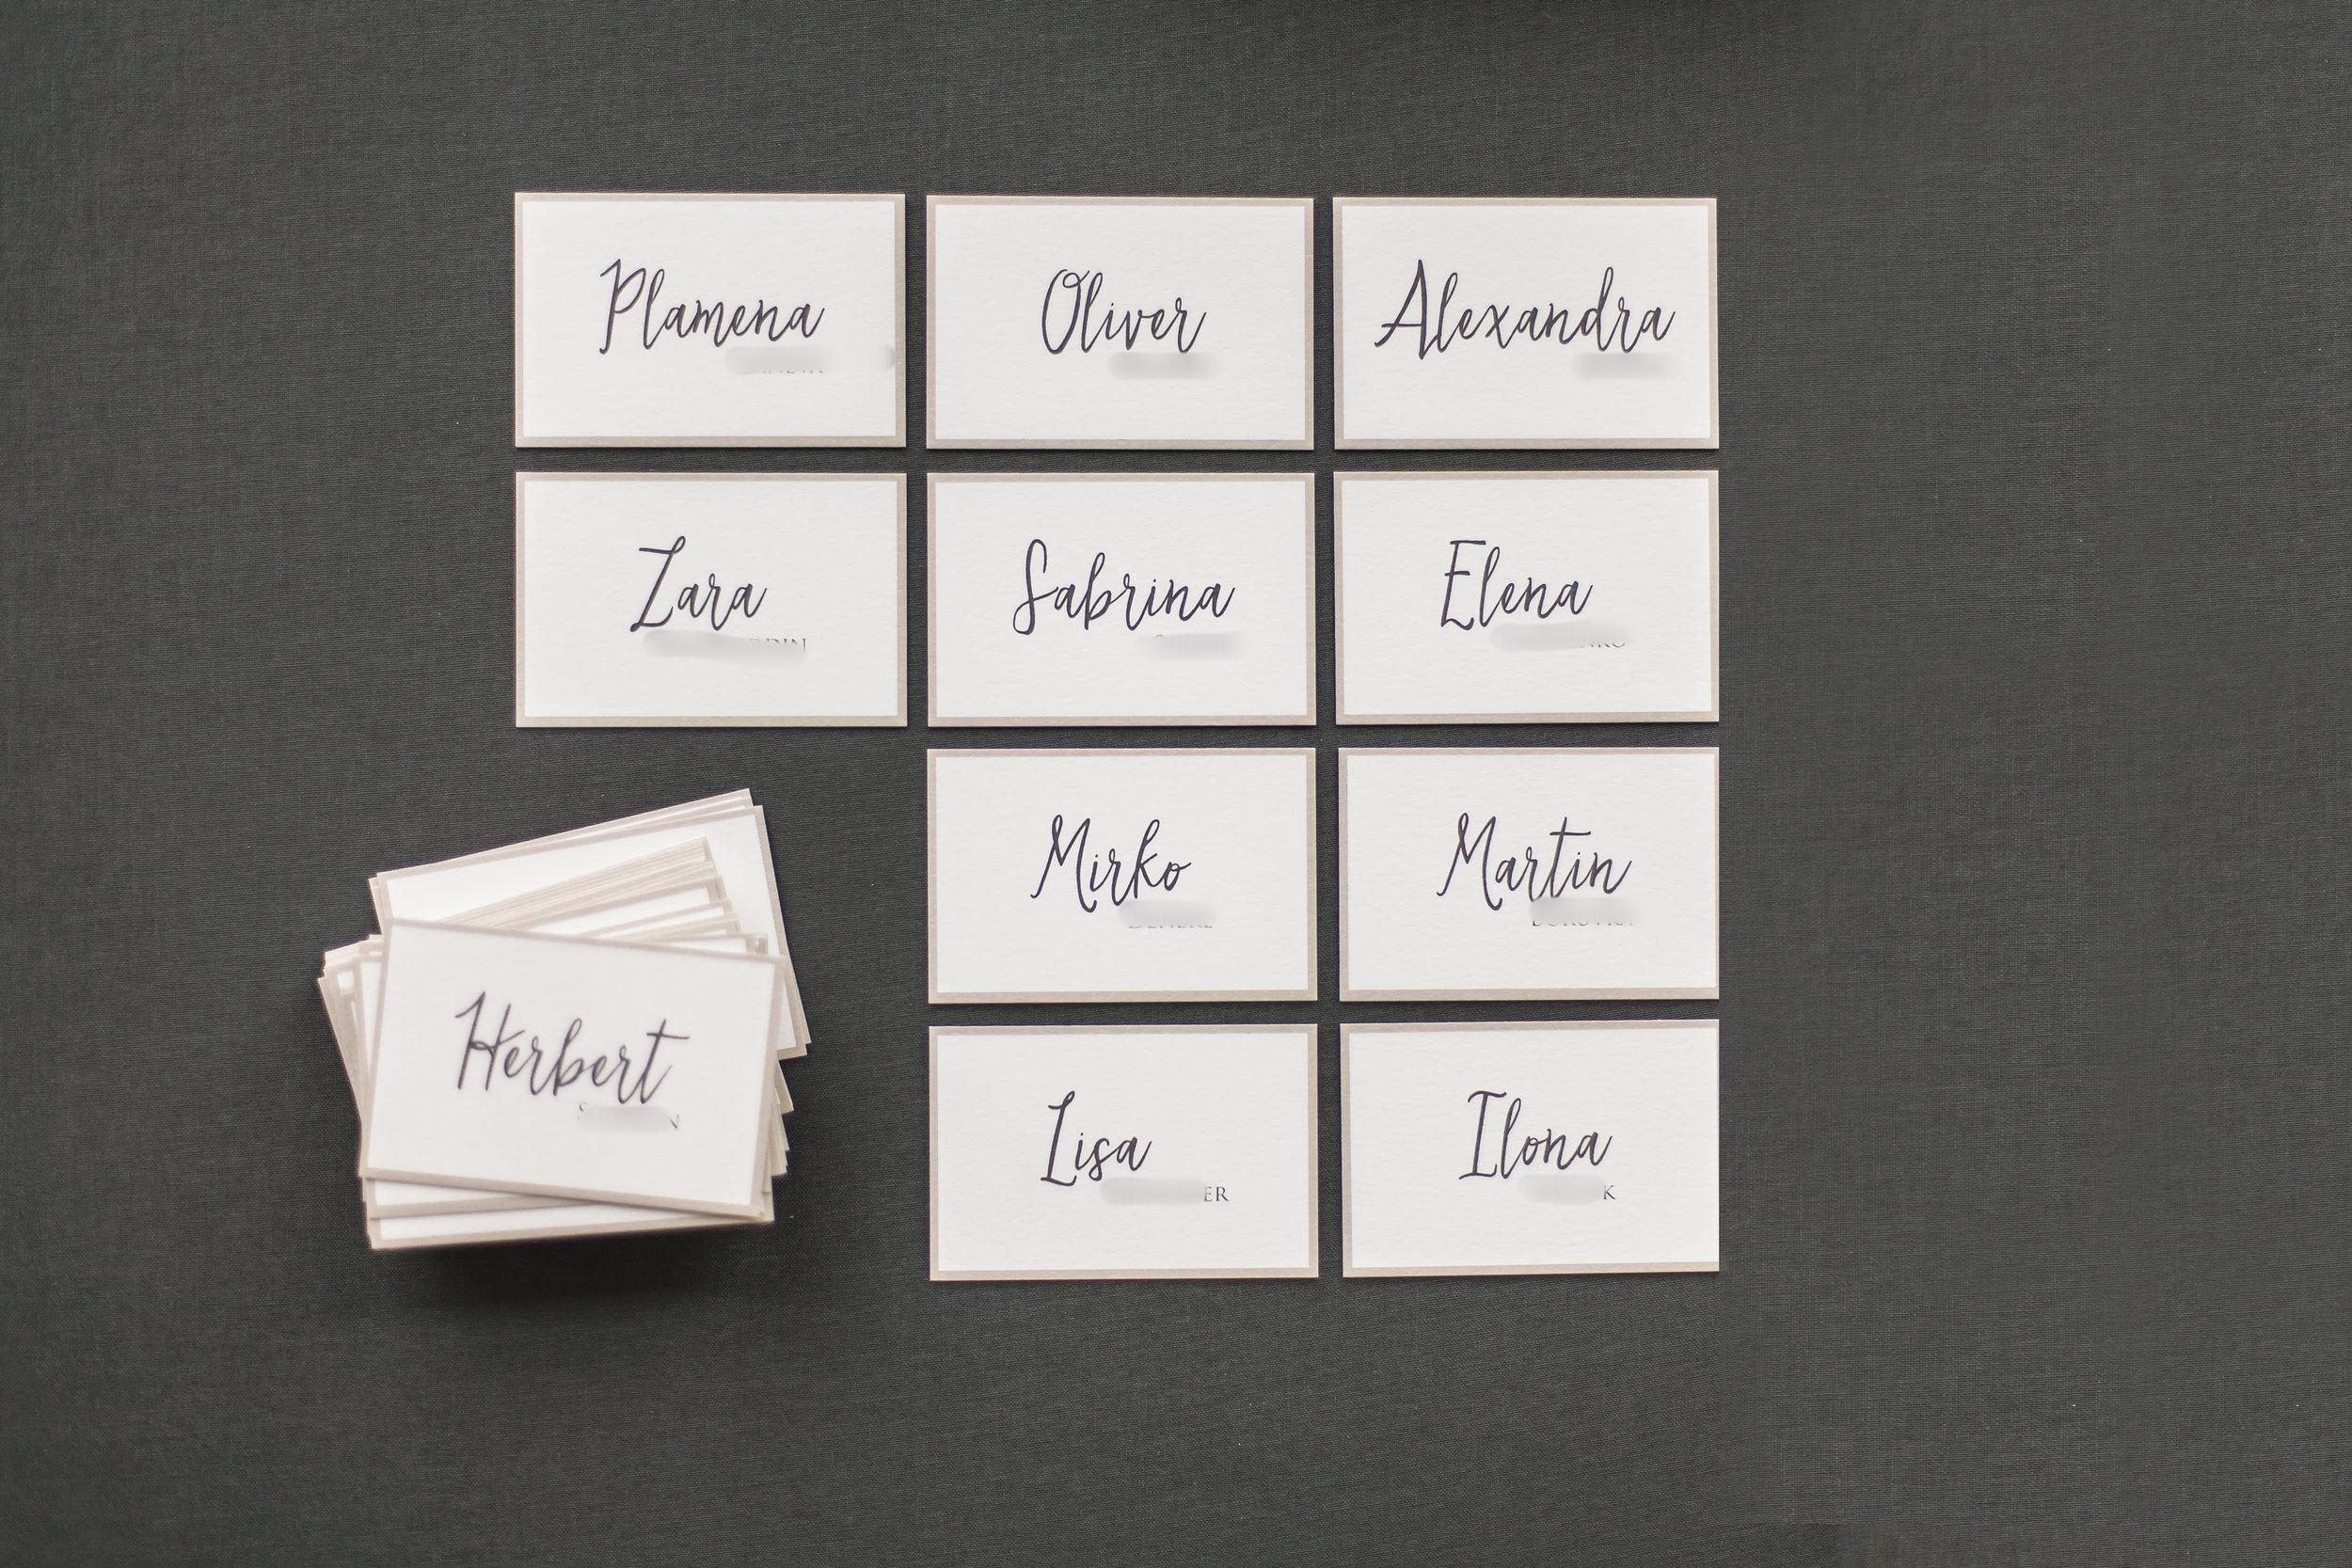 Namensschilder für die Tische (hier ohne Blau, ist aber auch änderbar)